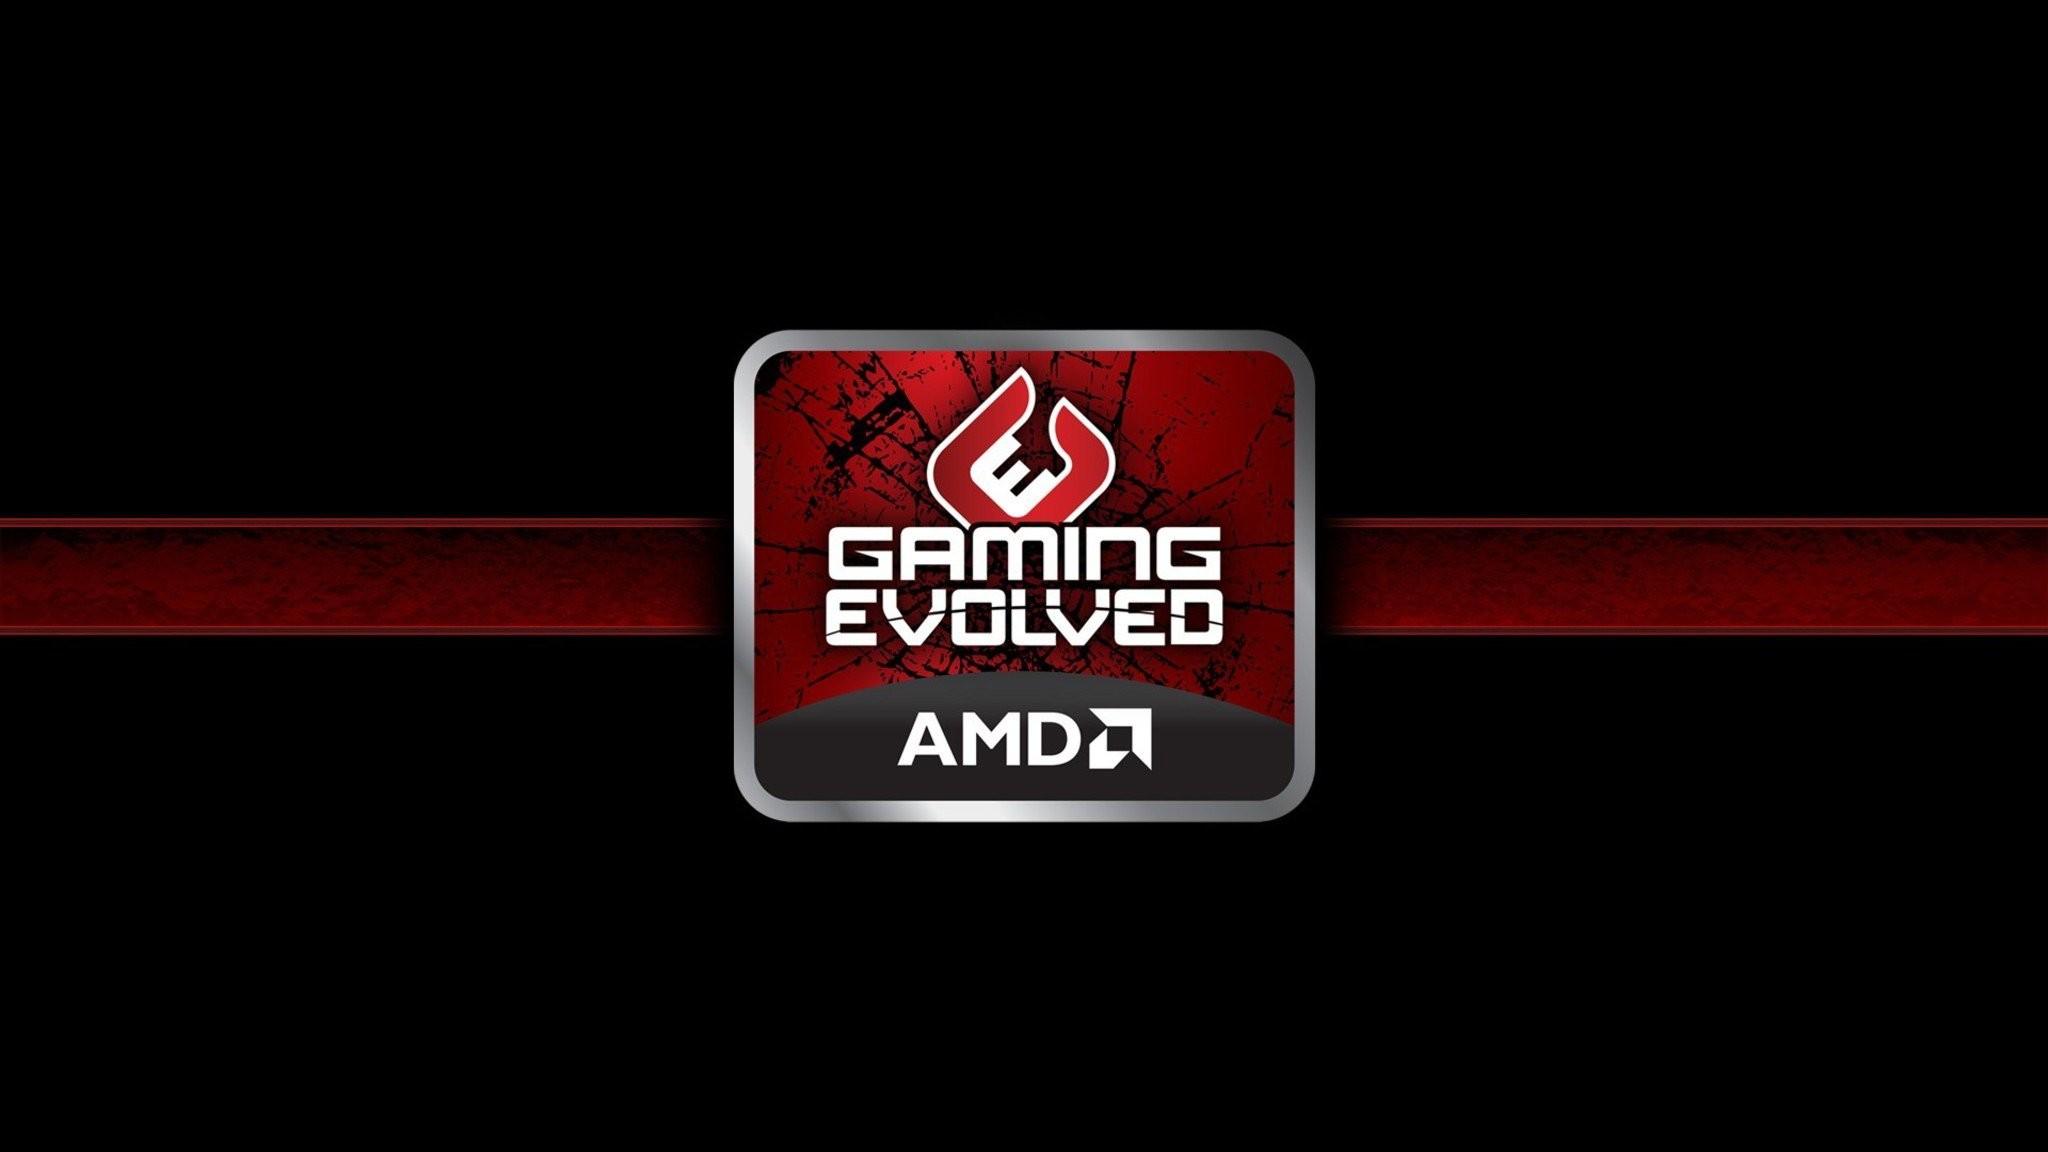 AMD computer gaming poster wallpaper | 1920×1080 | 965204 .